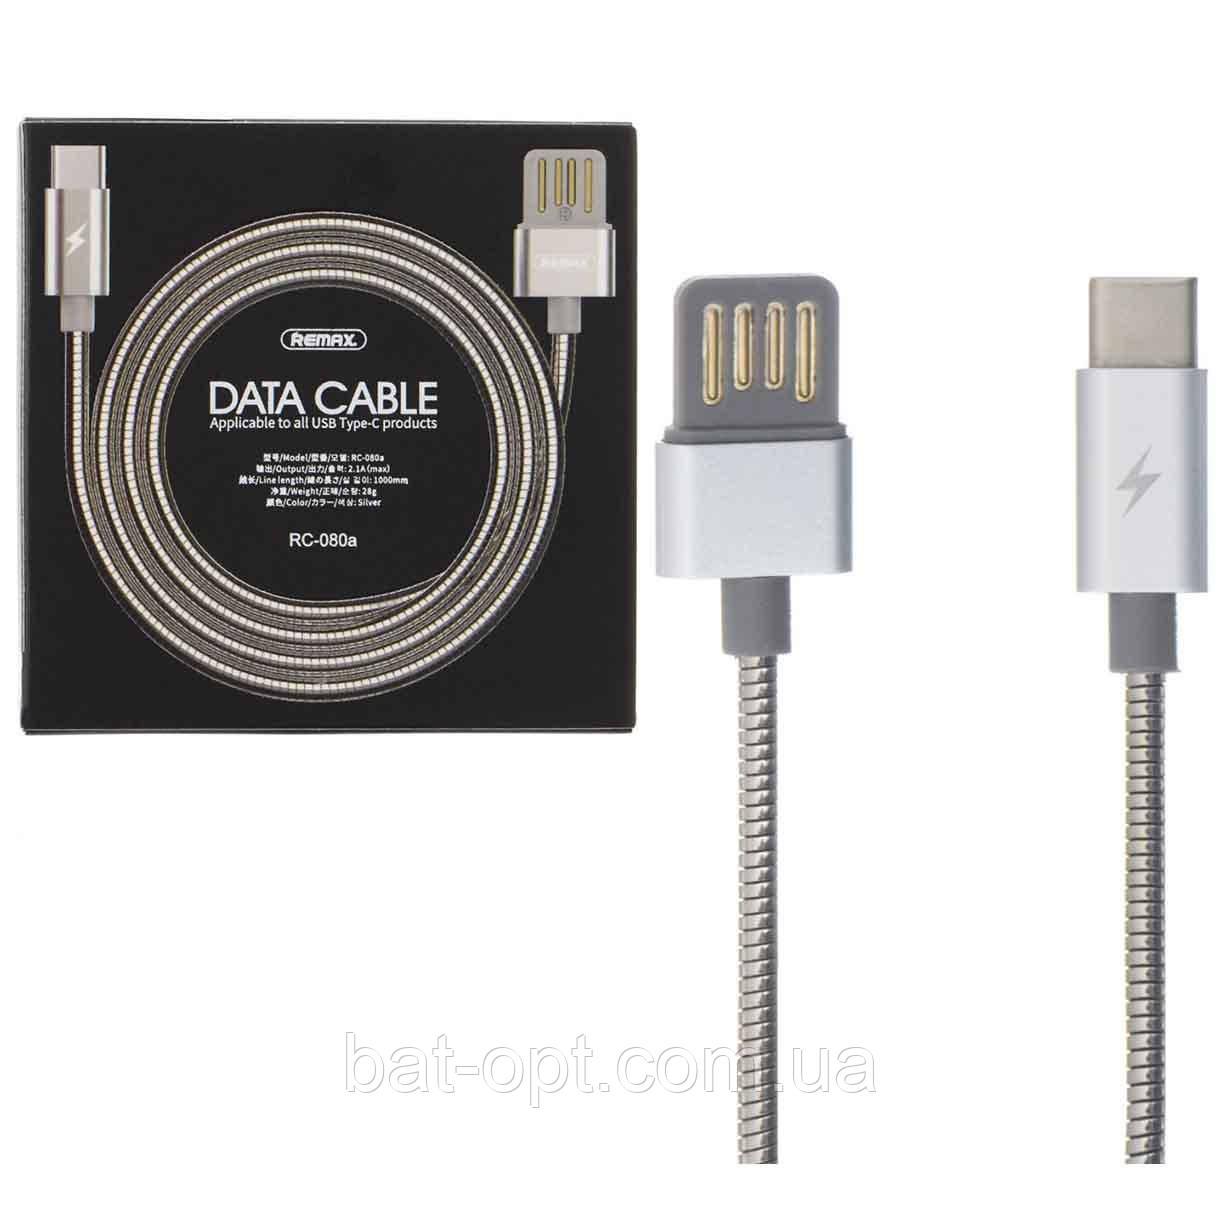 Кабель USB Type-C Remax RC-080a Silver Serpent стальной